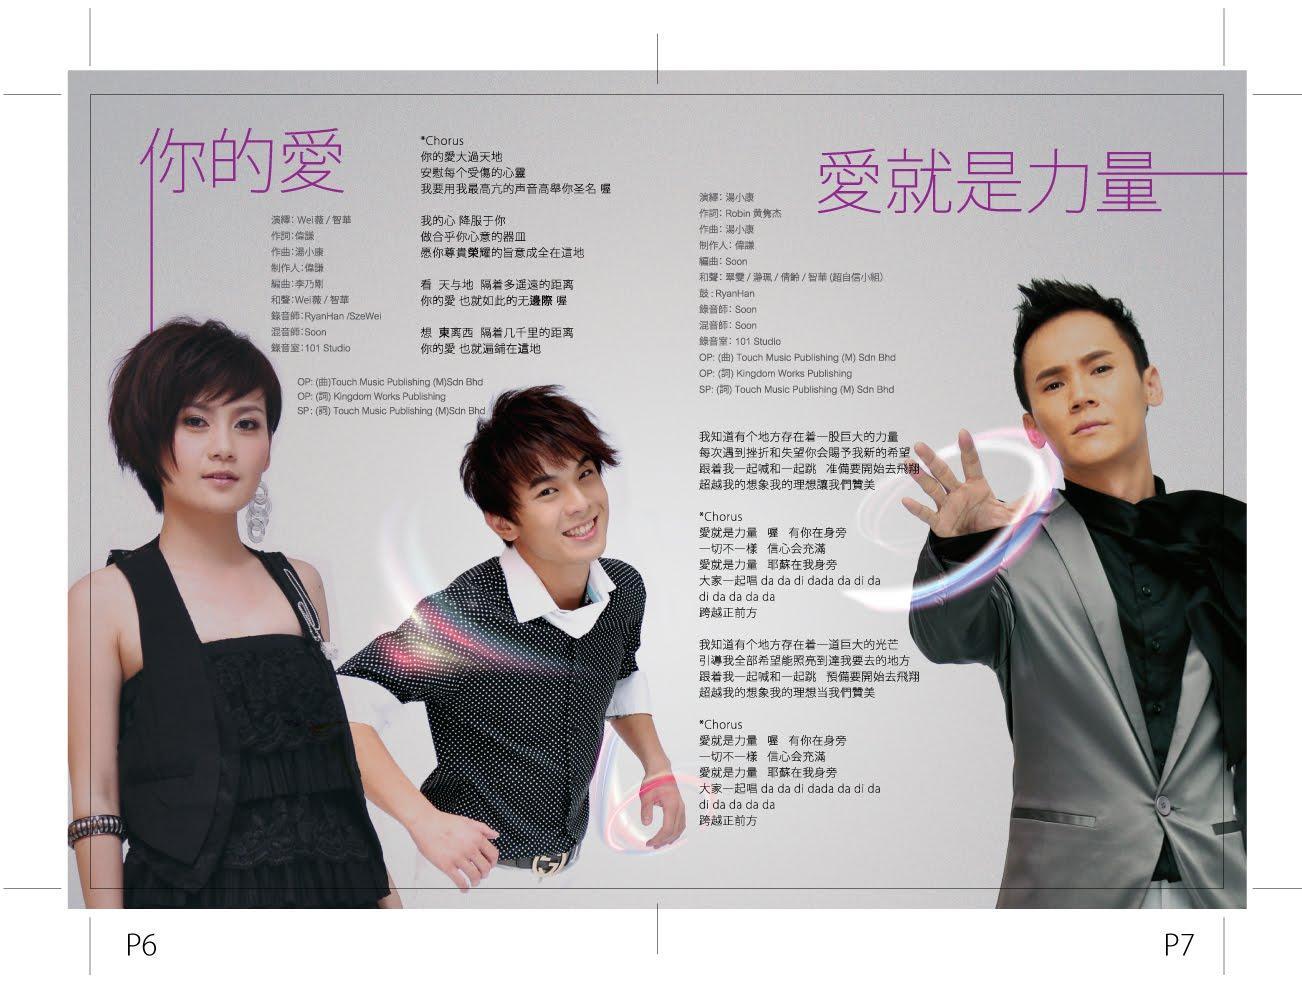 http://2.bp.blogspot.com/_QTJ69o8tSt4/TPip1zhwILI/AAAAAAAAAbg/UpR_Zq6Hhys/s1600/lyrics-booklet_p6_p7_rv4.jpg